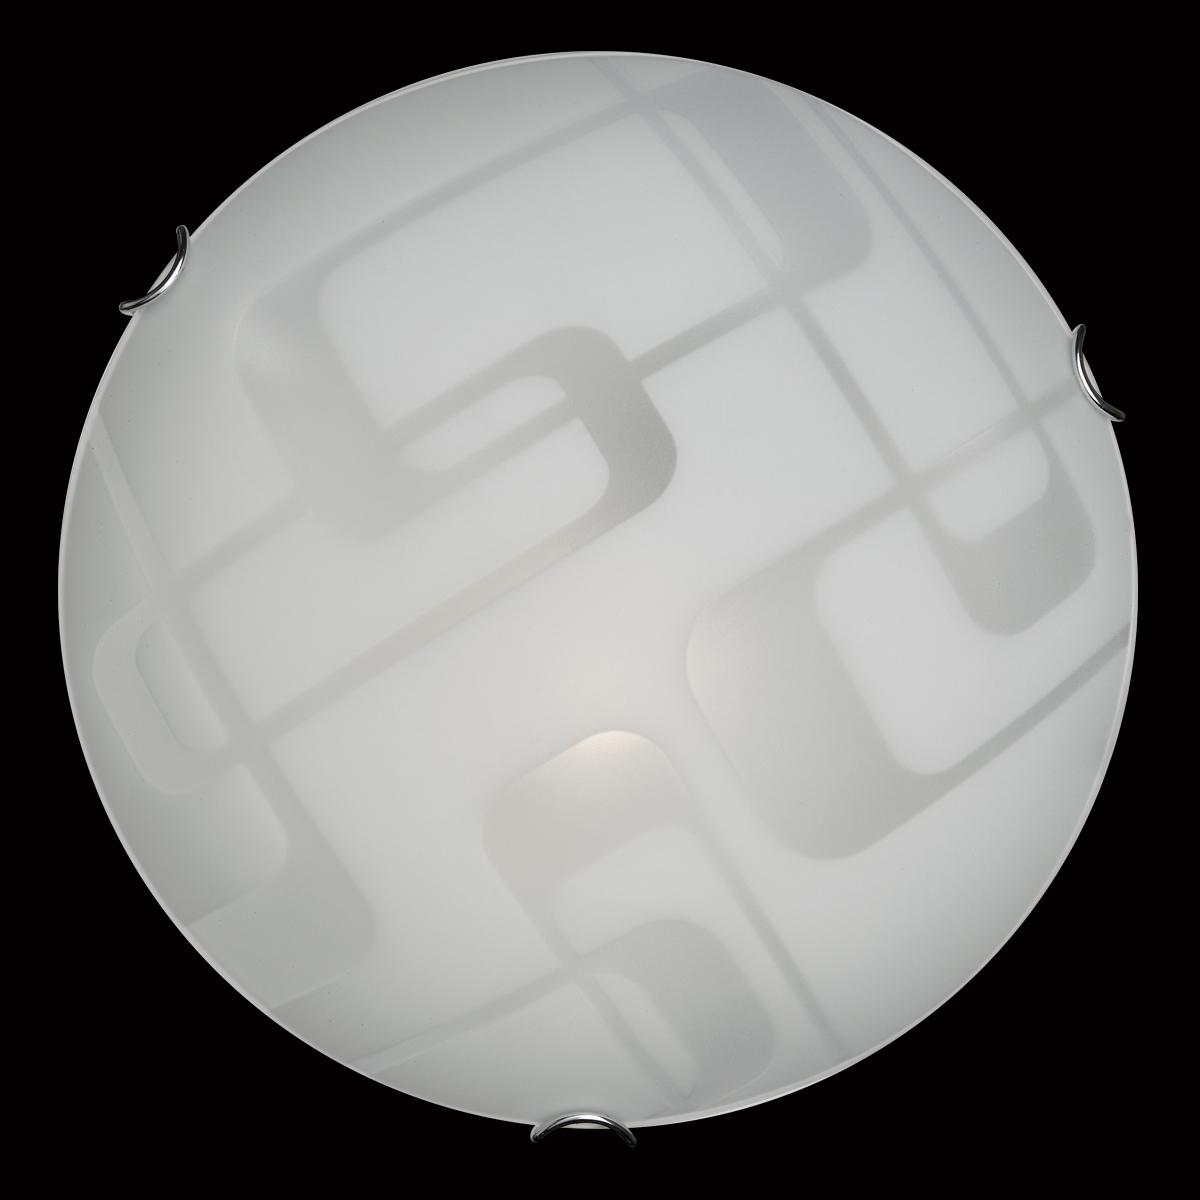 Потолочный светильник Sonex Halo 257, 2xE27x100W, хром, белый, металл, стекло - фото 5